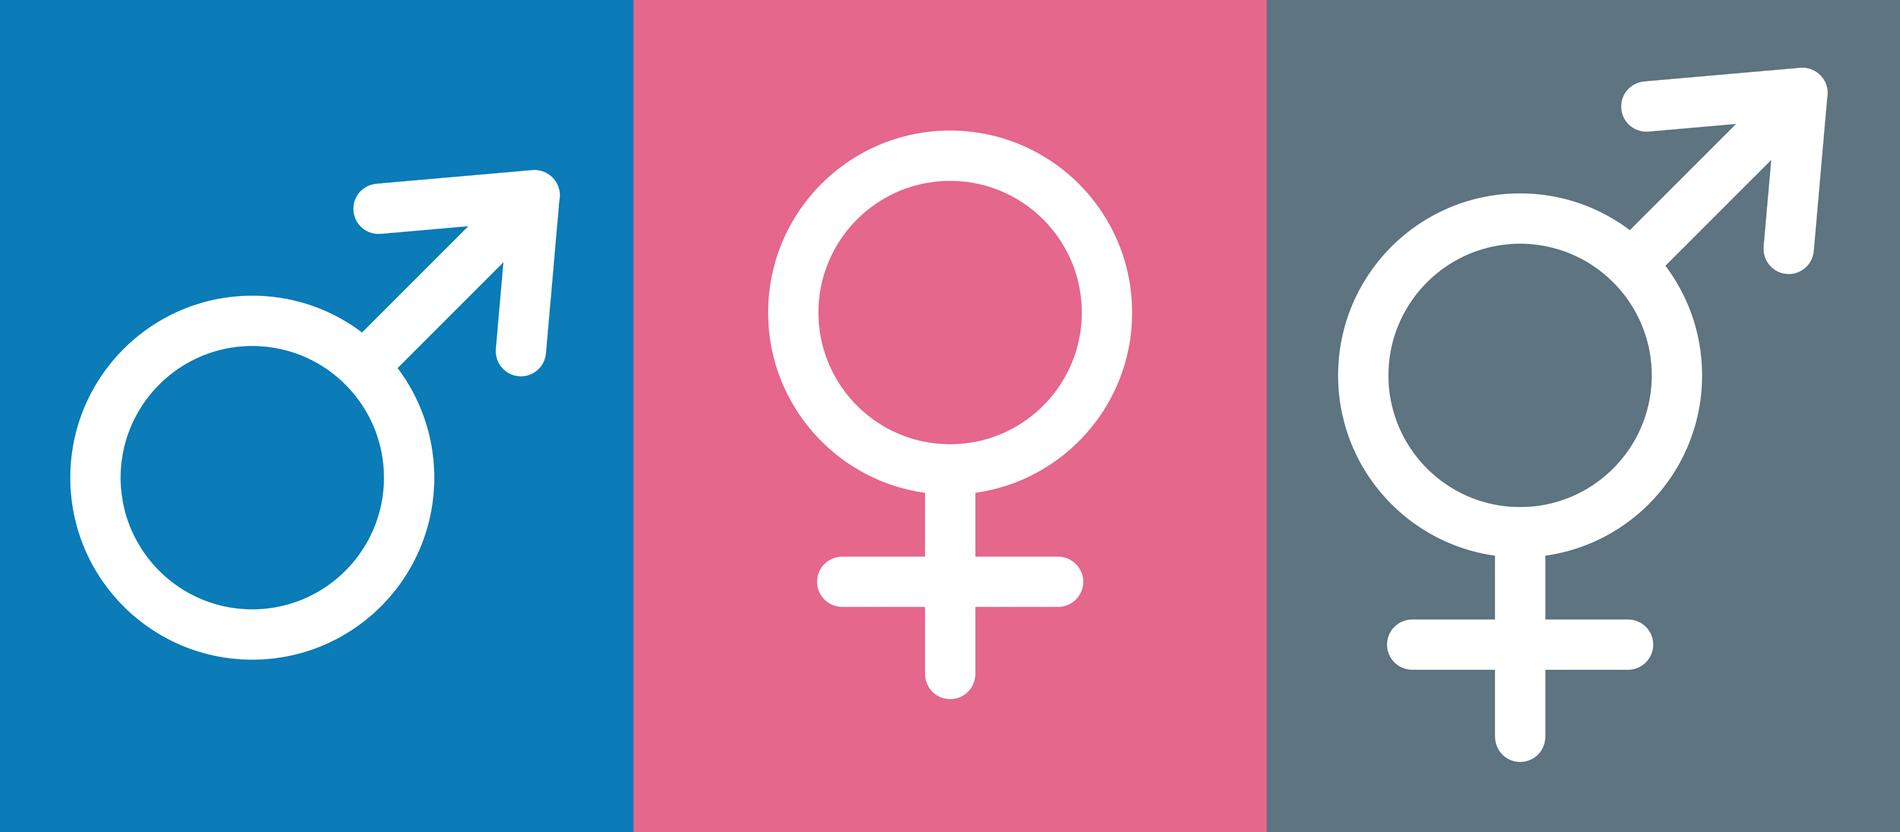 Geschlecht Weiblich